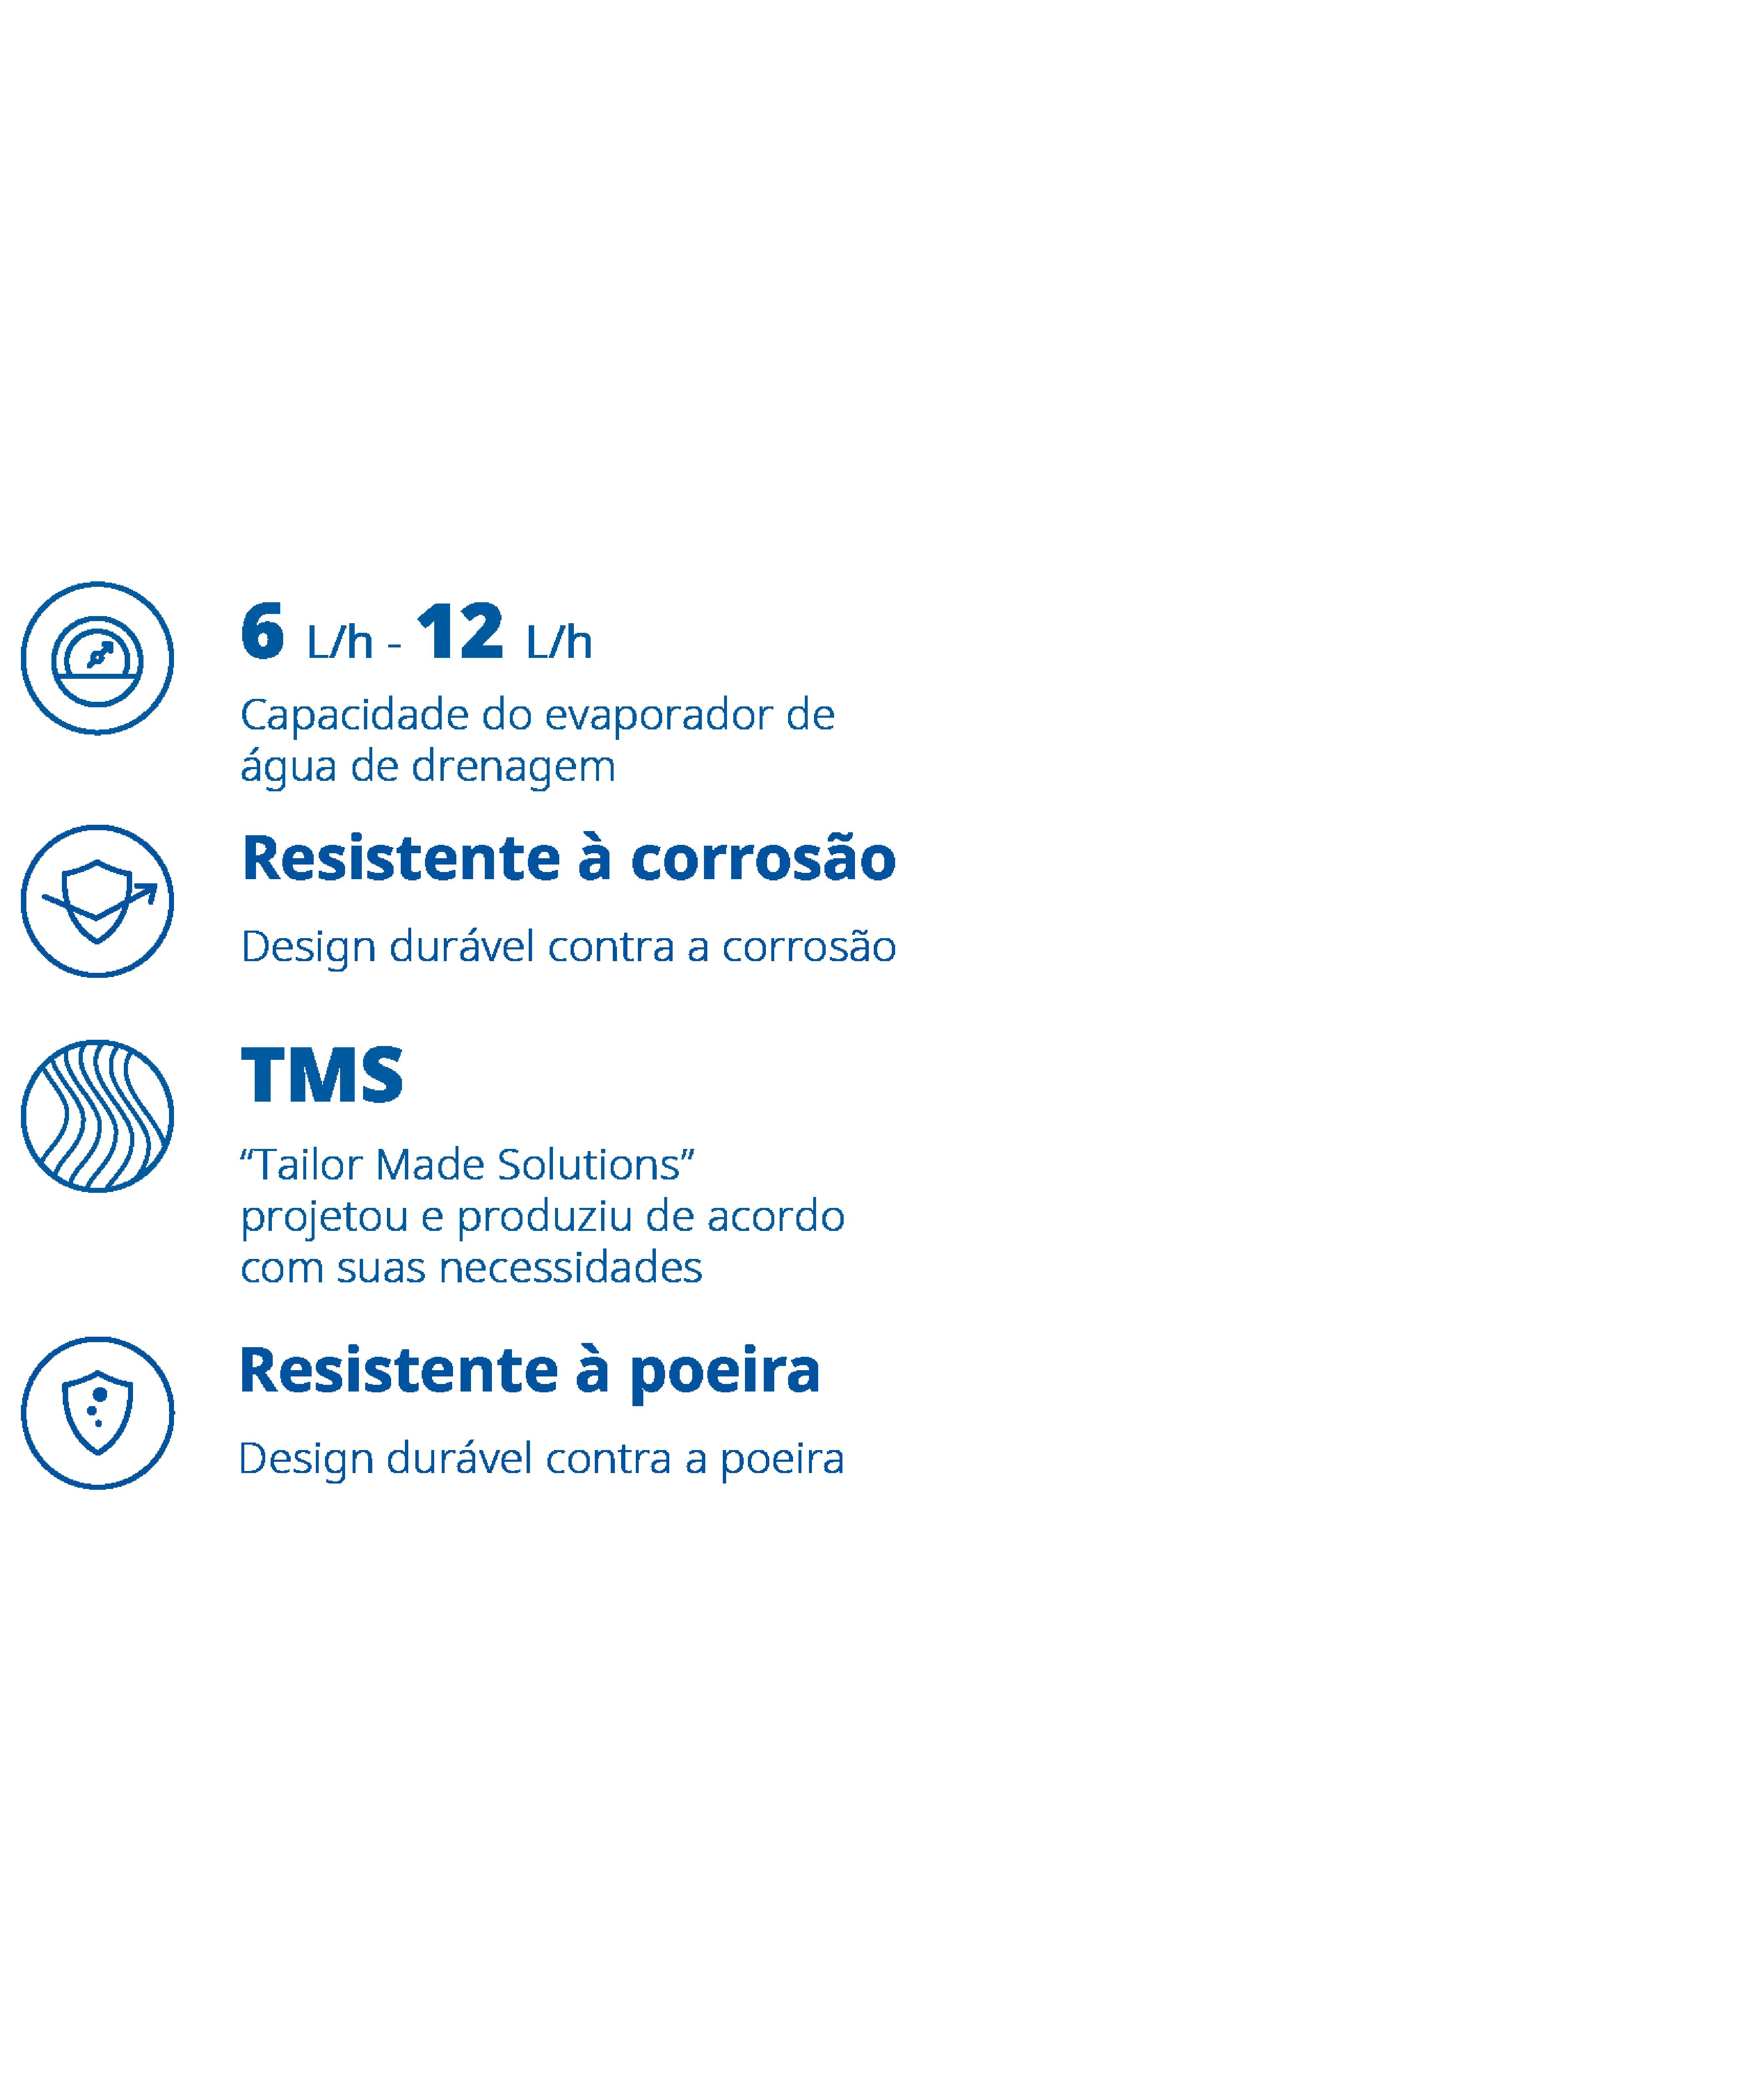 TMS_DWE_Icons_pt-01